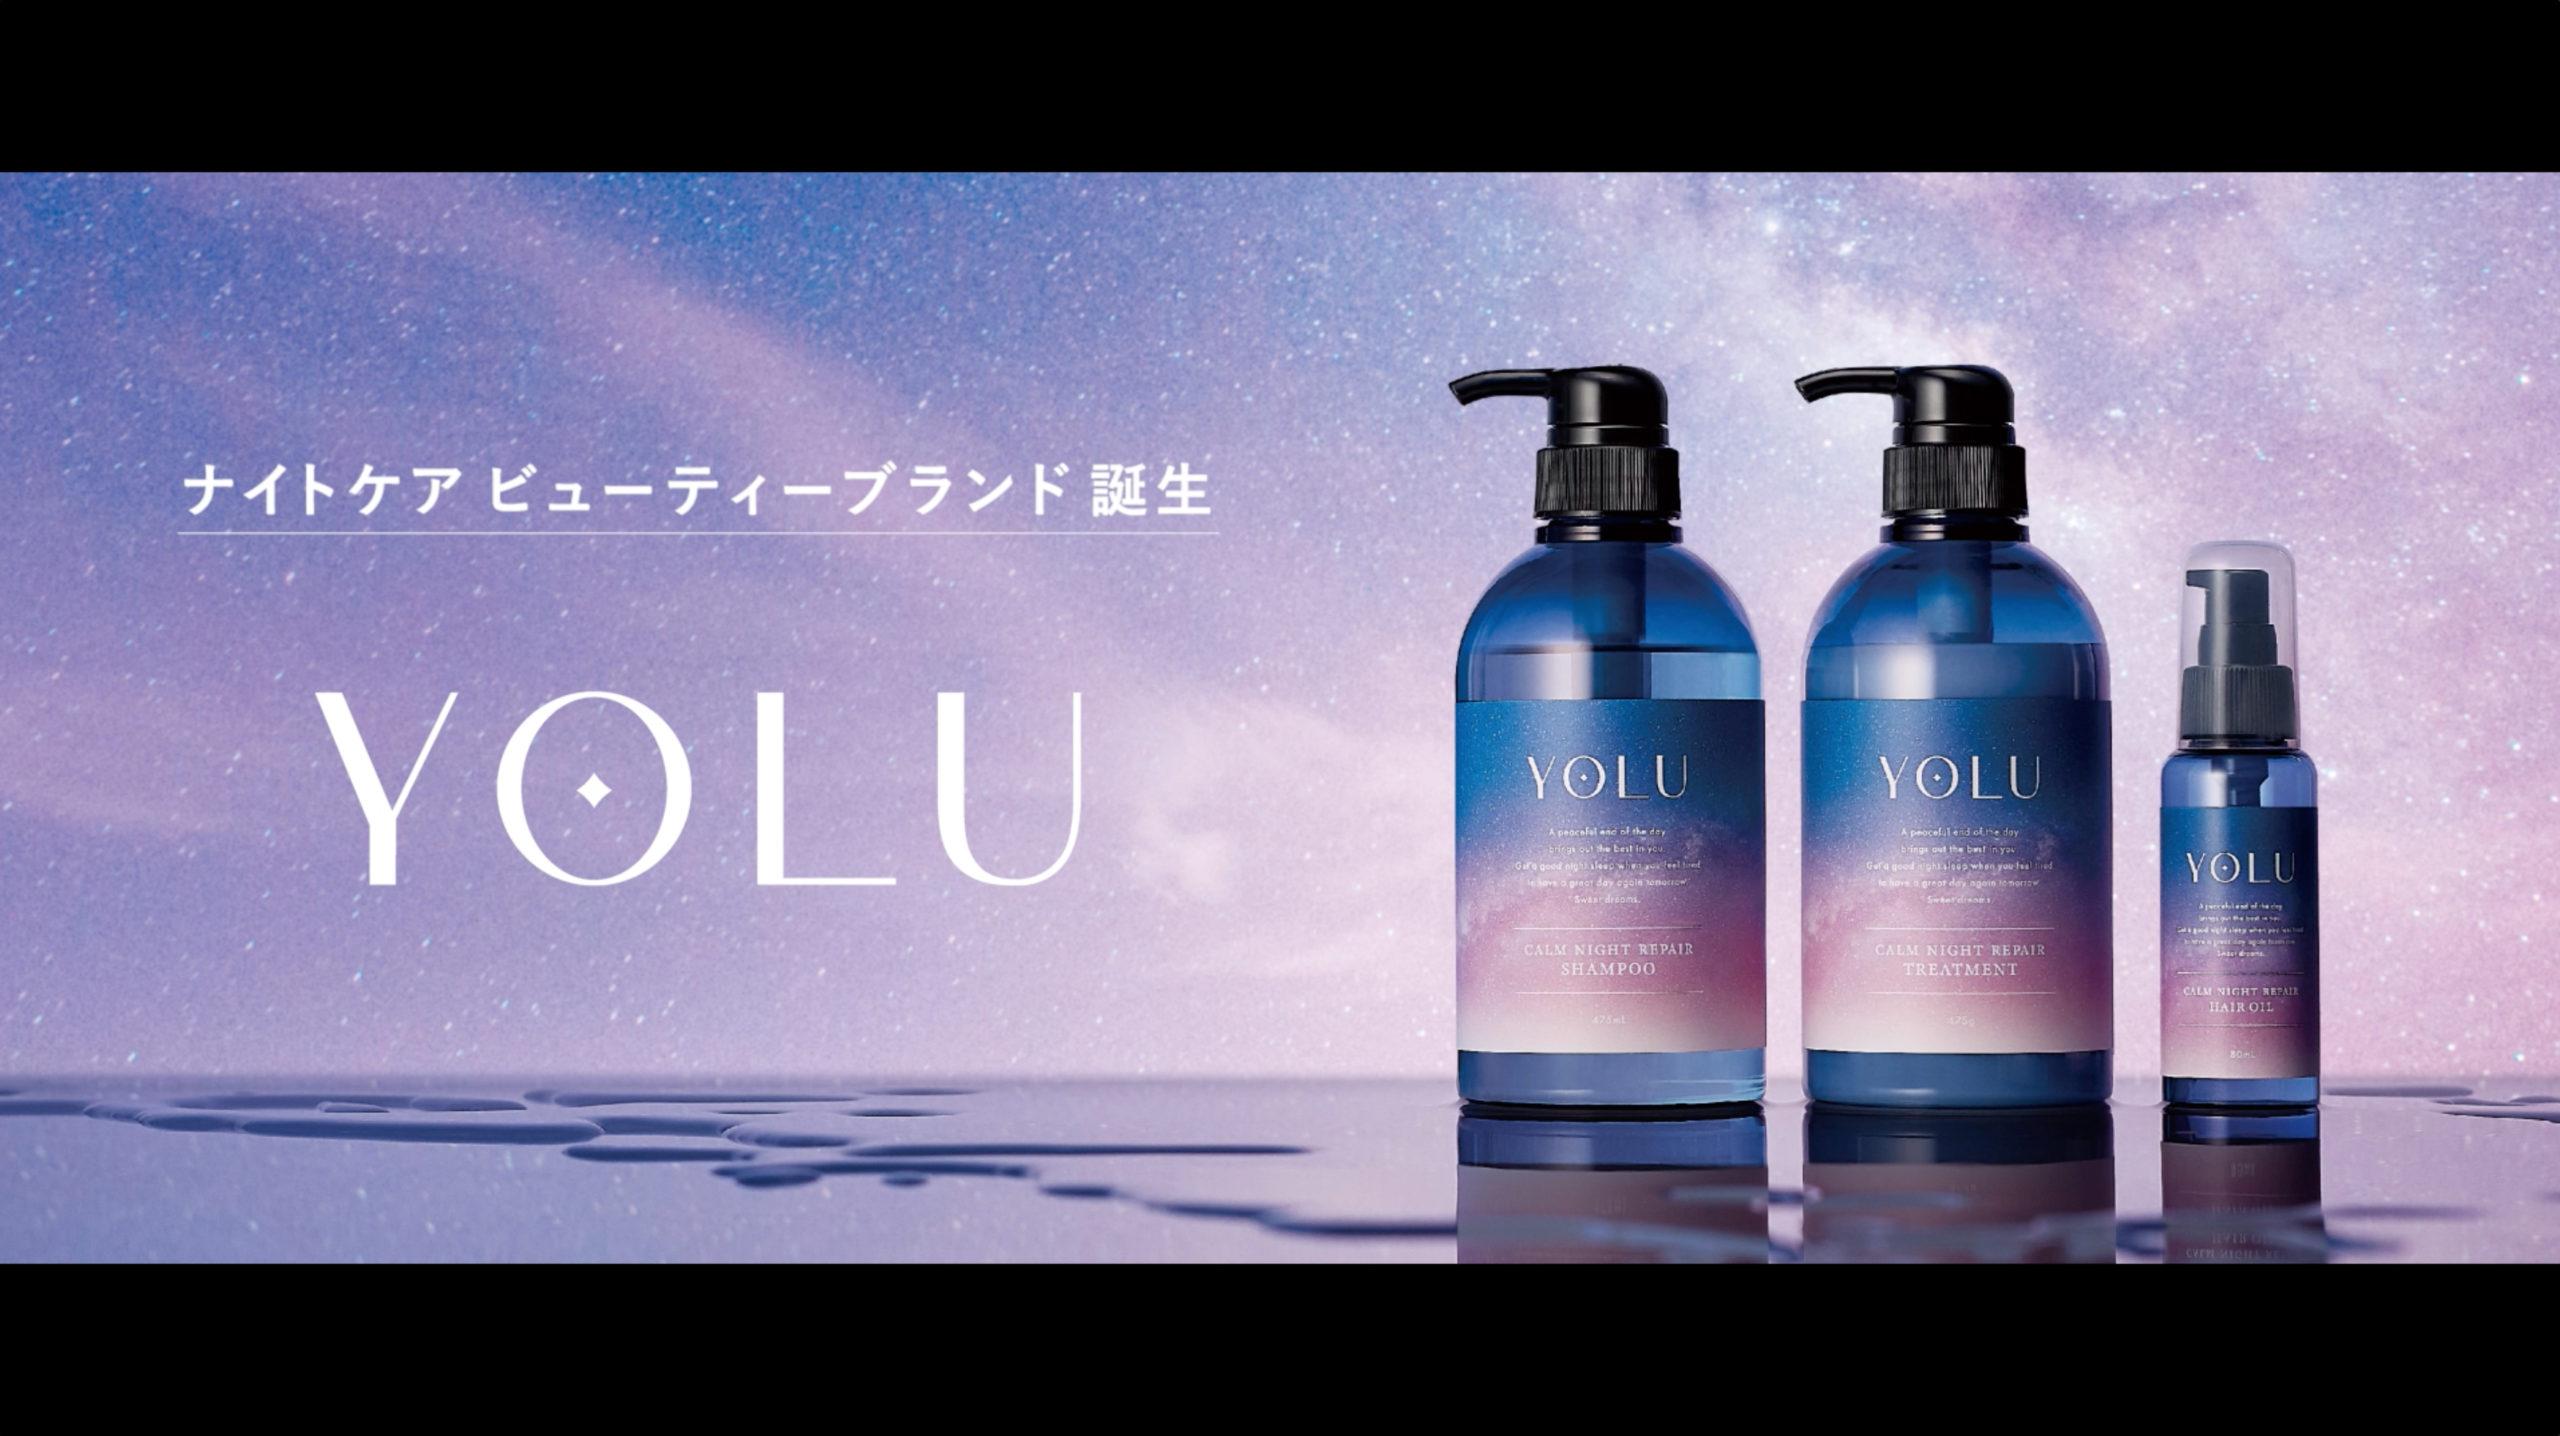 """""""ナイトキャップ発想""""の新ヘアケアブランド「ヨル(YOLU)」"""